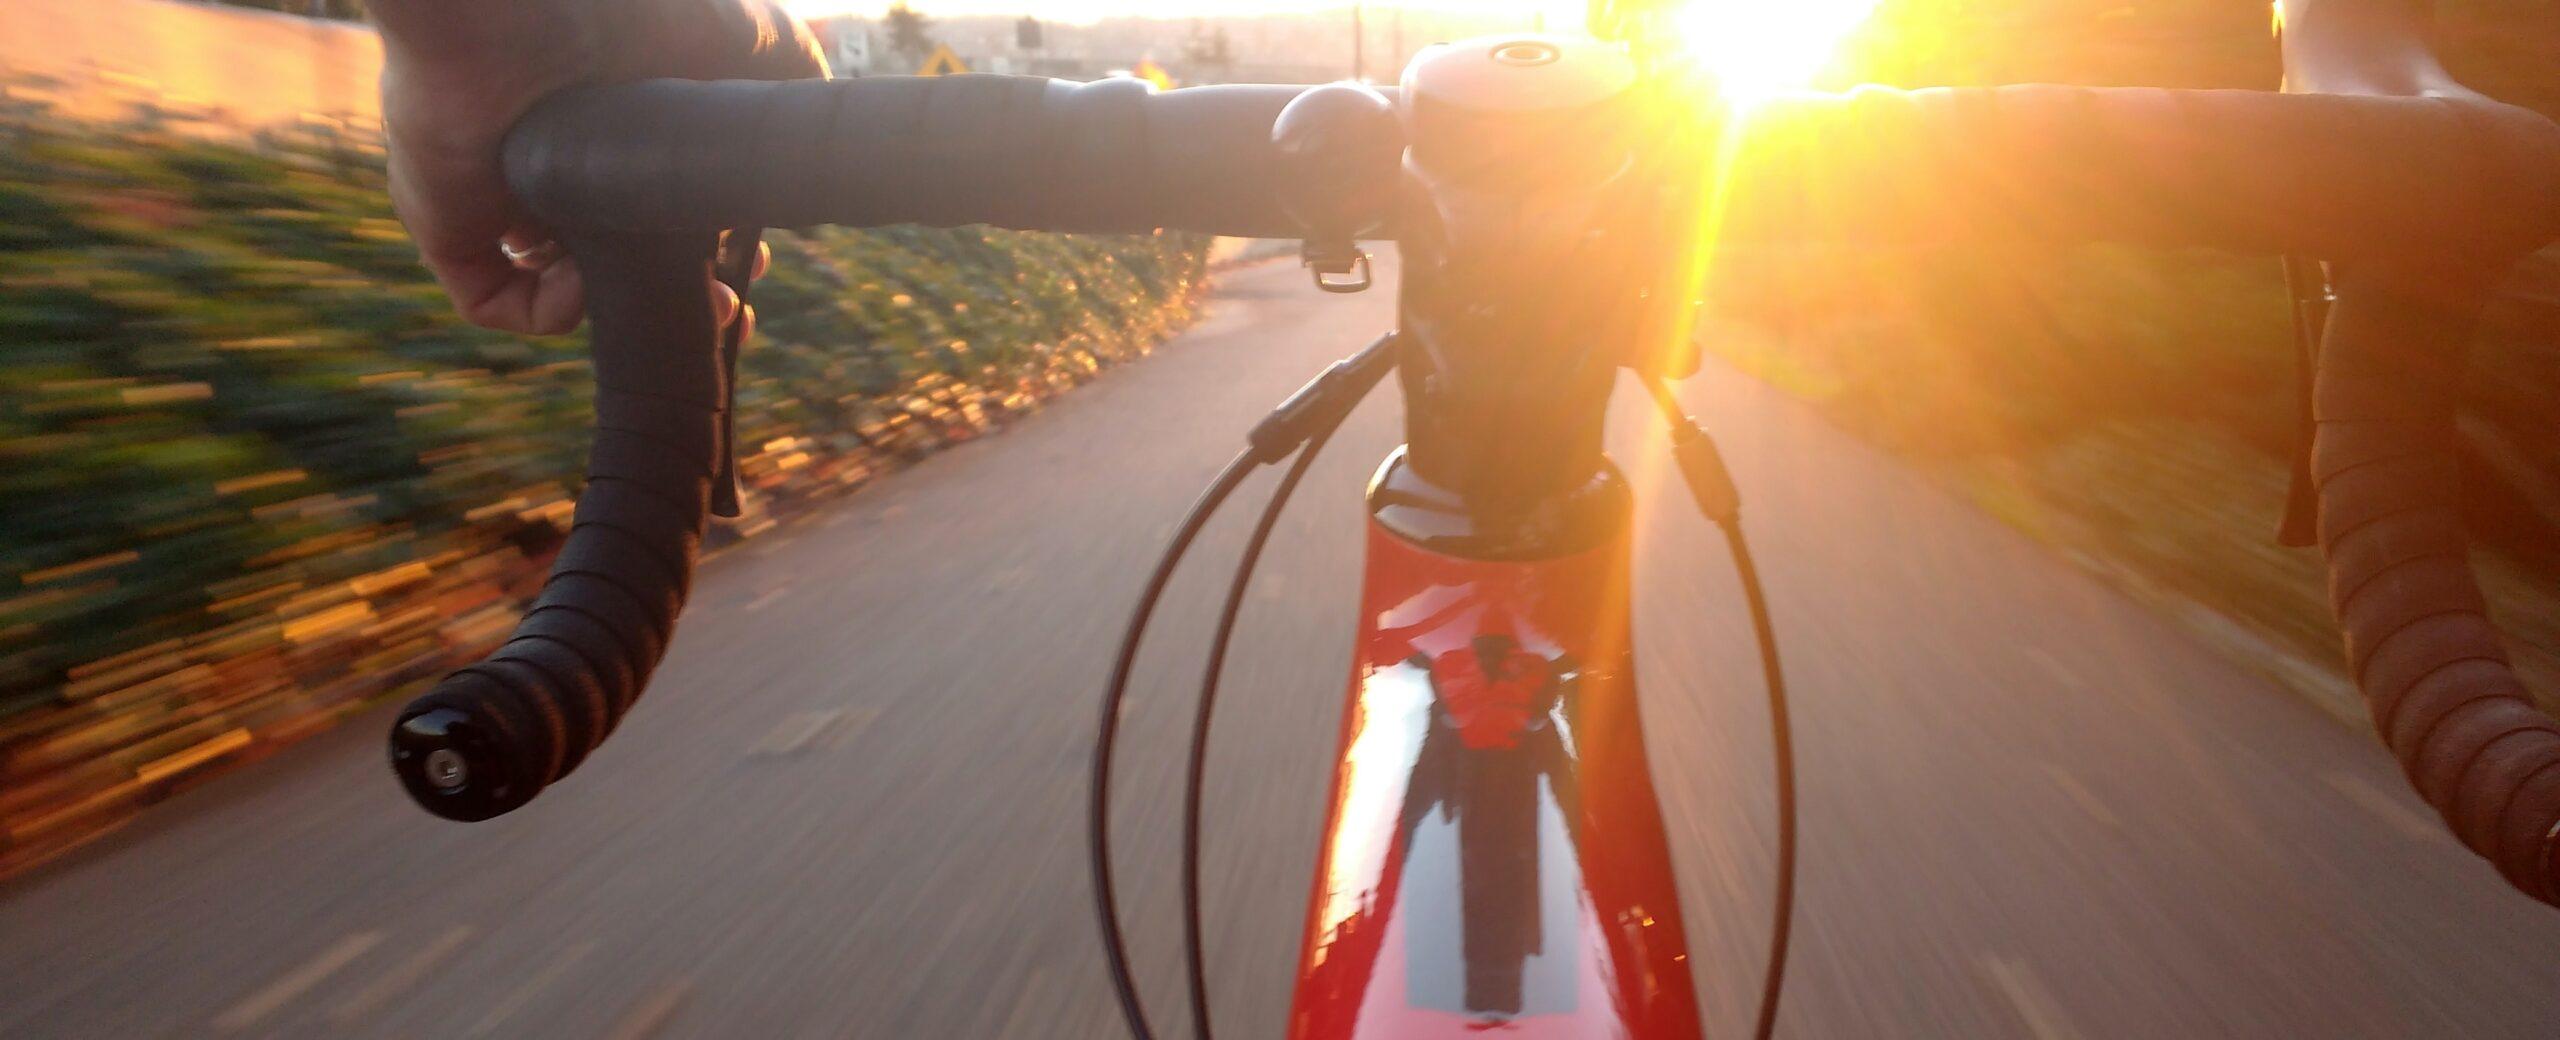 6 consigli per portare la bici sempre con sè